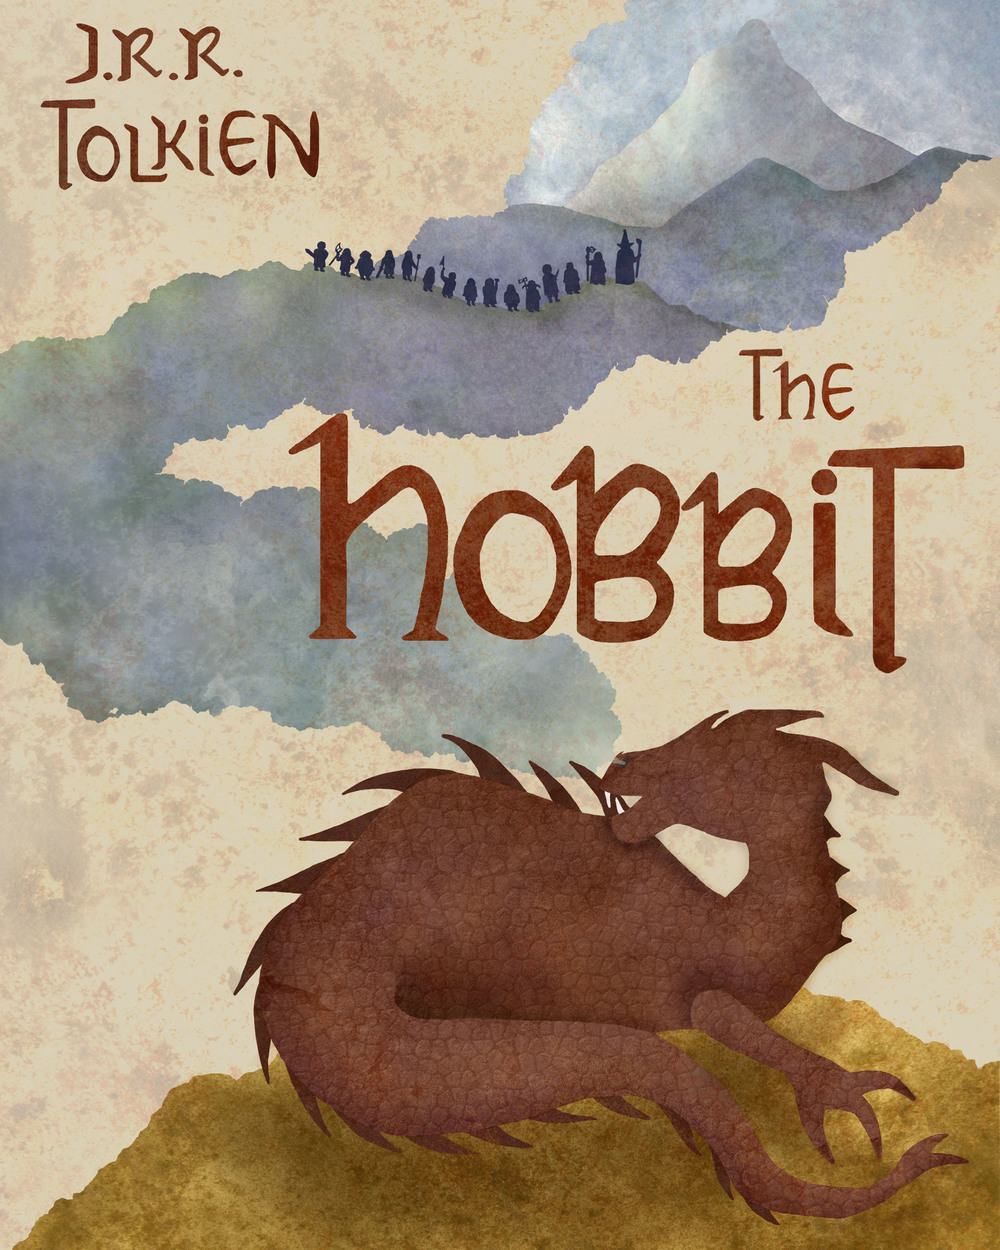 hobbit8x10.jpg